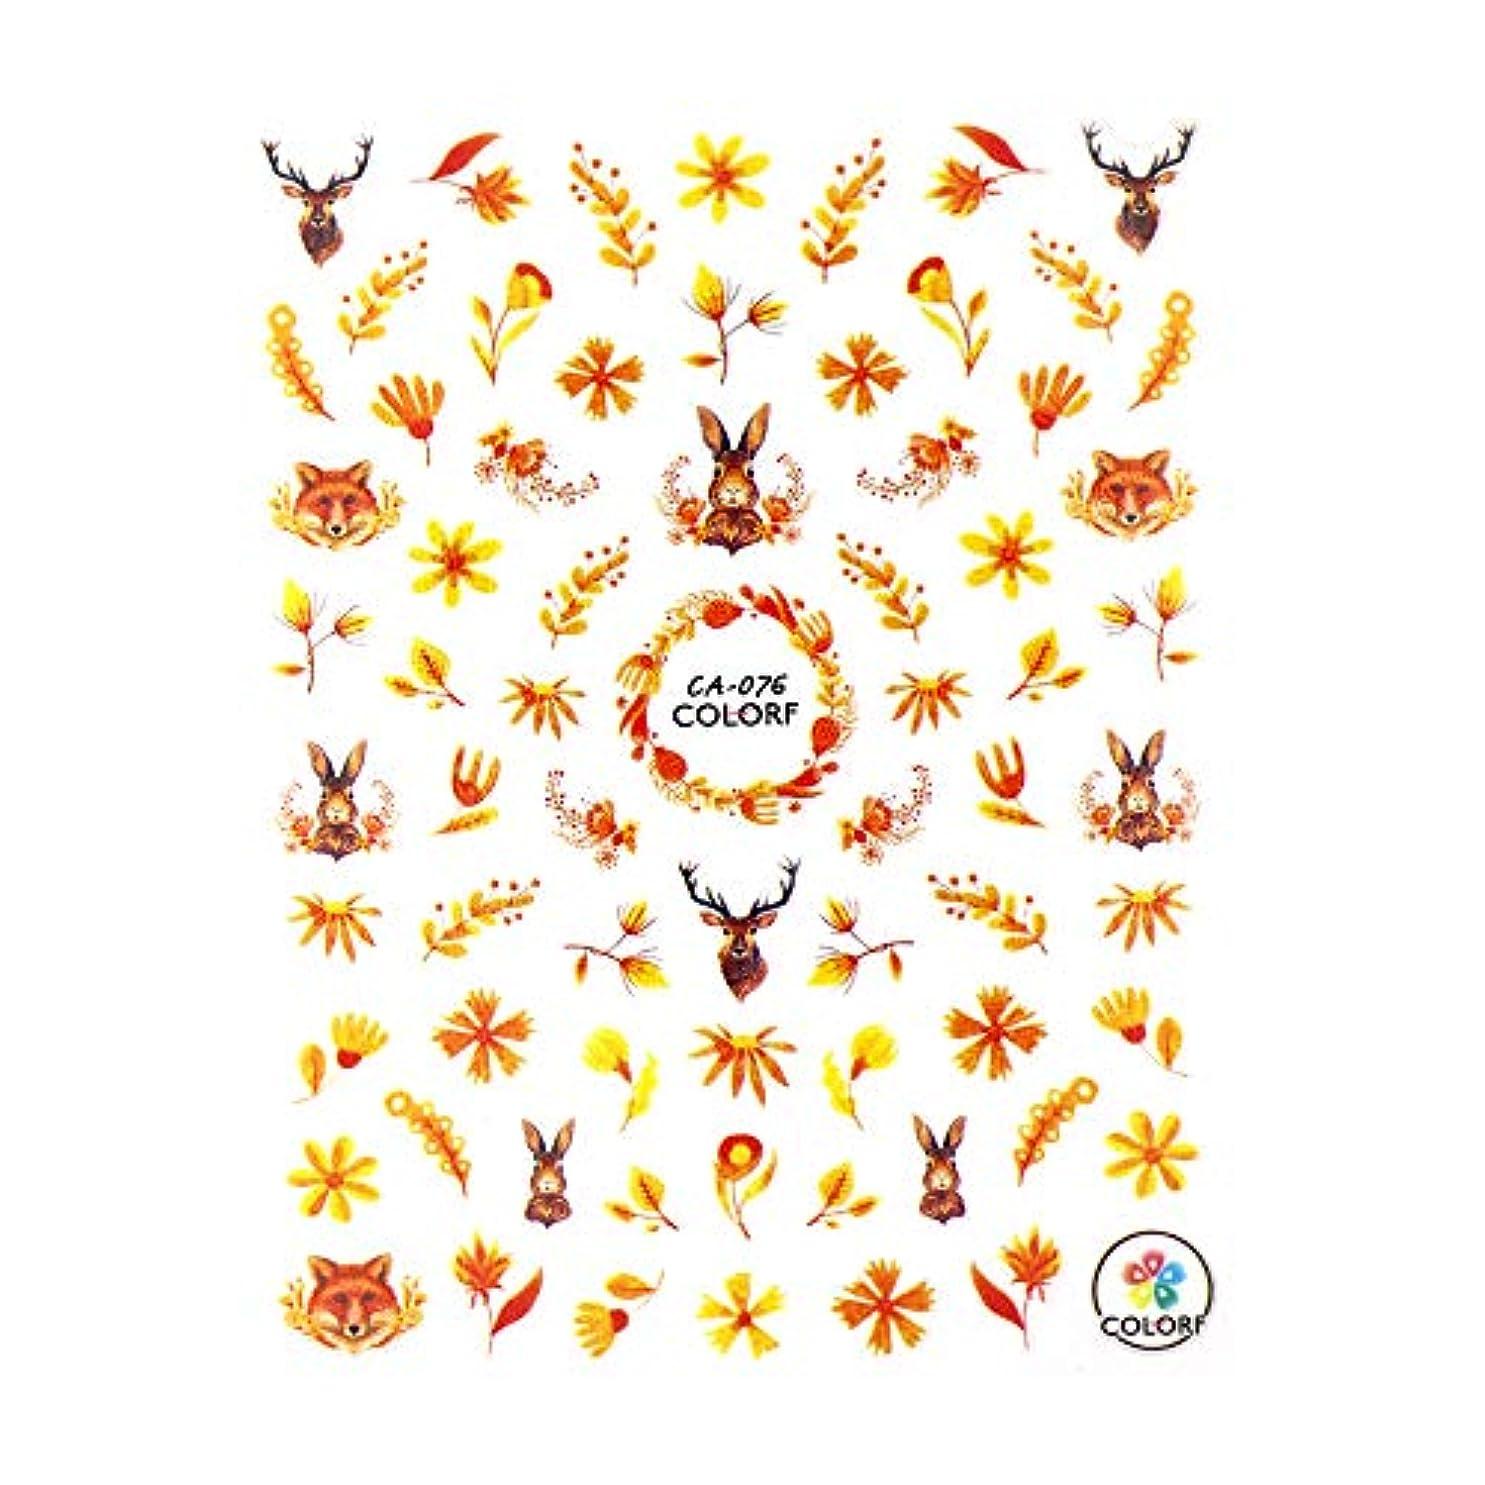 リズムはっきりとバラ色irogel イロジェル ネイルシール ネイルシール オータムリーフシール 【CA-076 タイプA】秋ネイル 花柄 紅葉 落ち葉